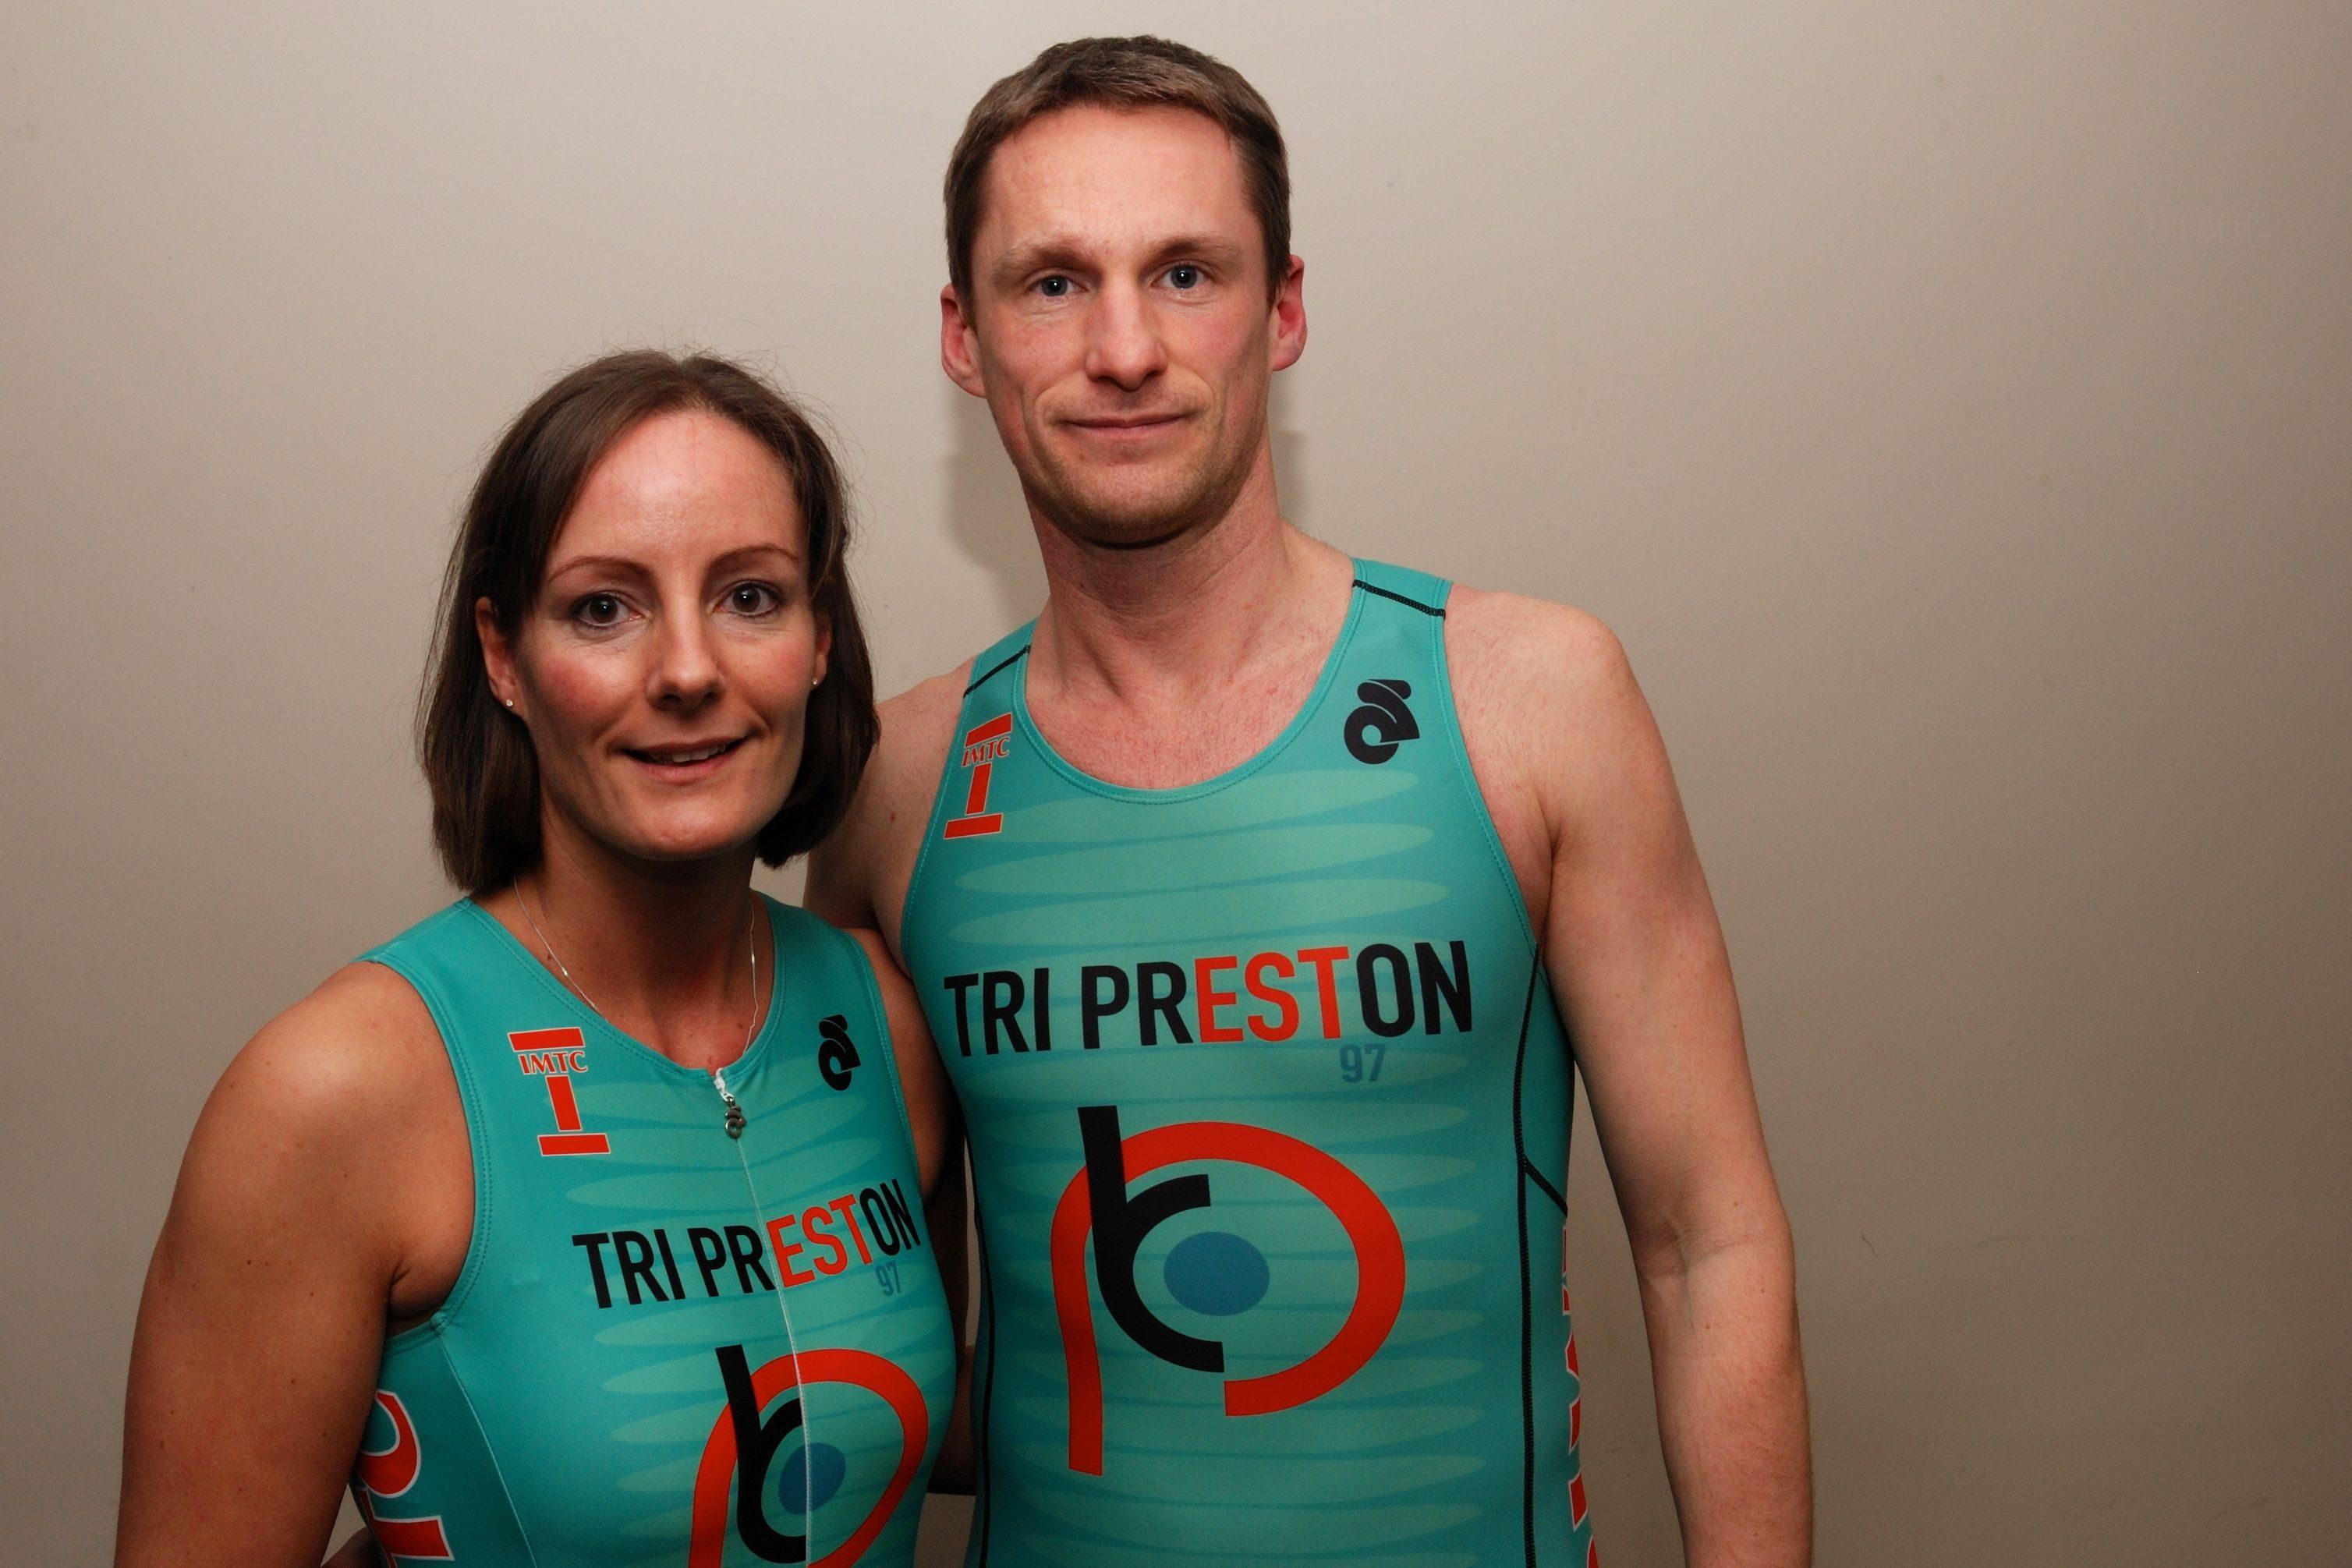 Tri Preston couple